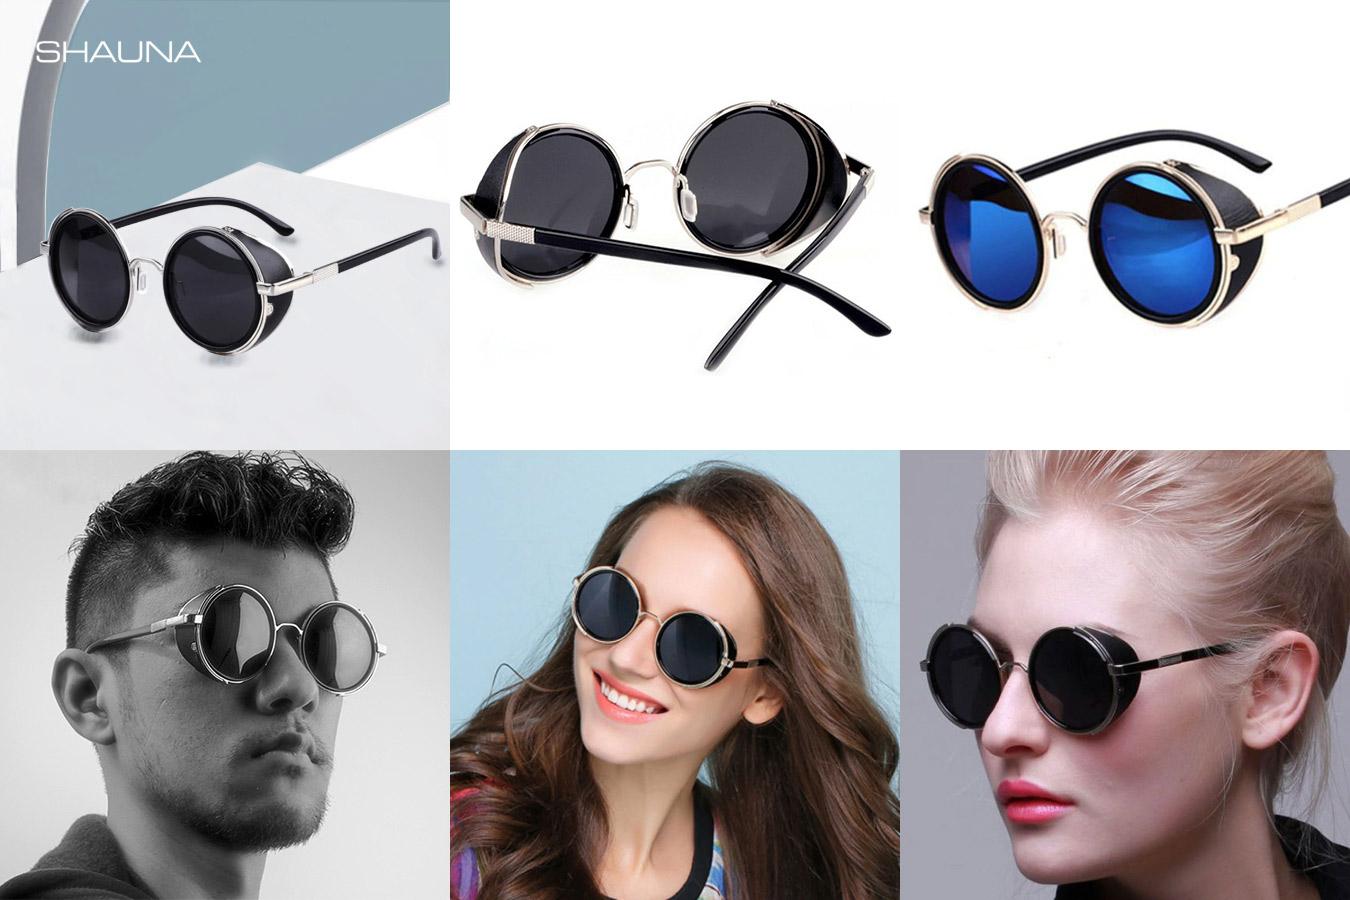 Солнцезащитные очки со шторками SHAUNA